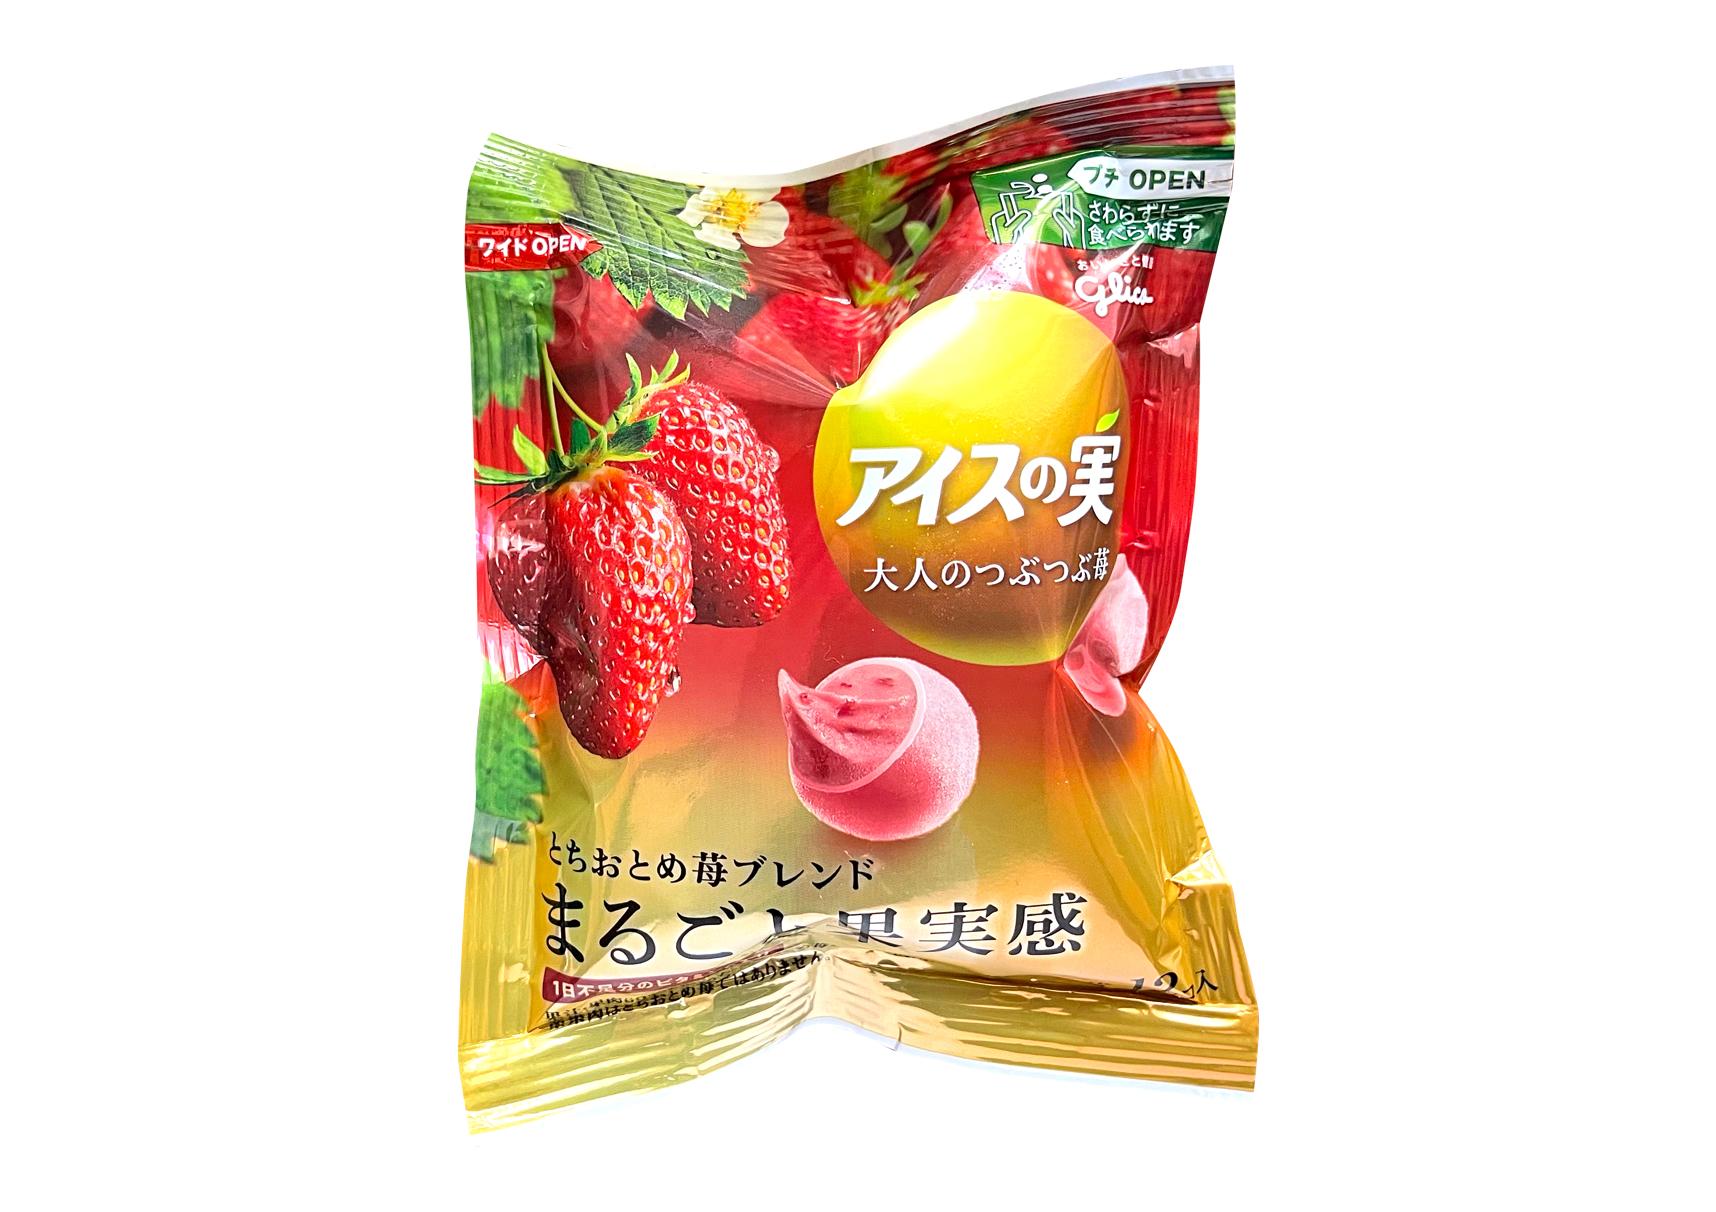 江崎グリコ『アイスの実 大人のつぶつぶ苺』はカリトロ食感に華やかな苺の香りが贅沢な一口ジェラートアイス!